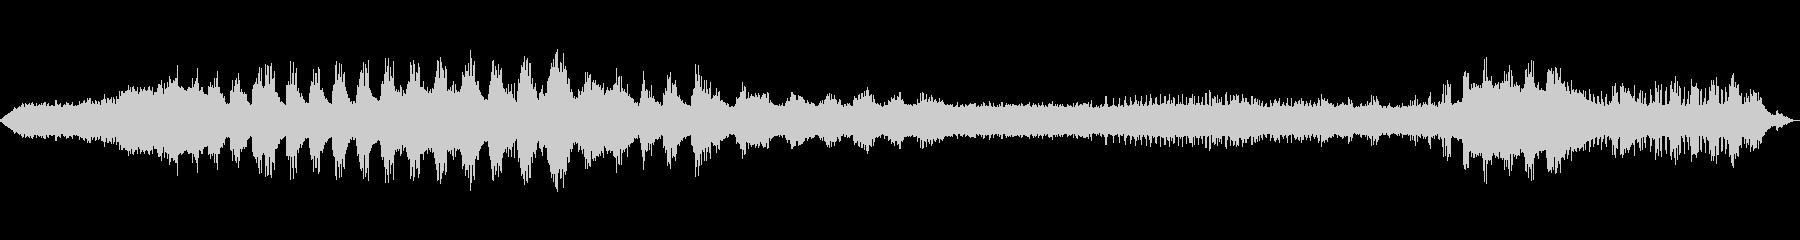 【自然音】蝉の鳴き声01(丹沢湖)の未再生の波形